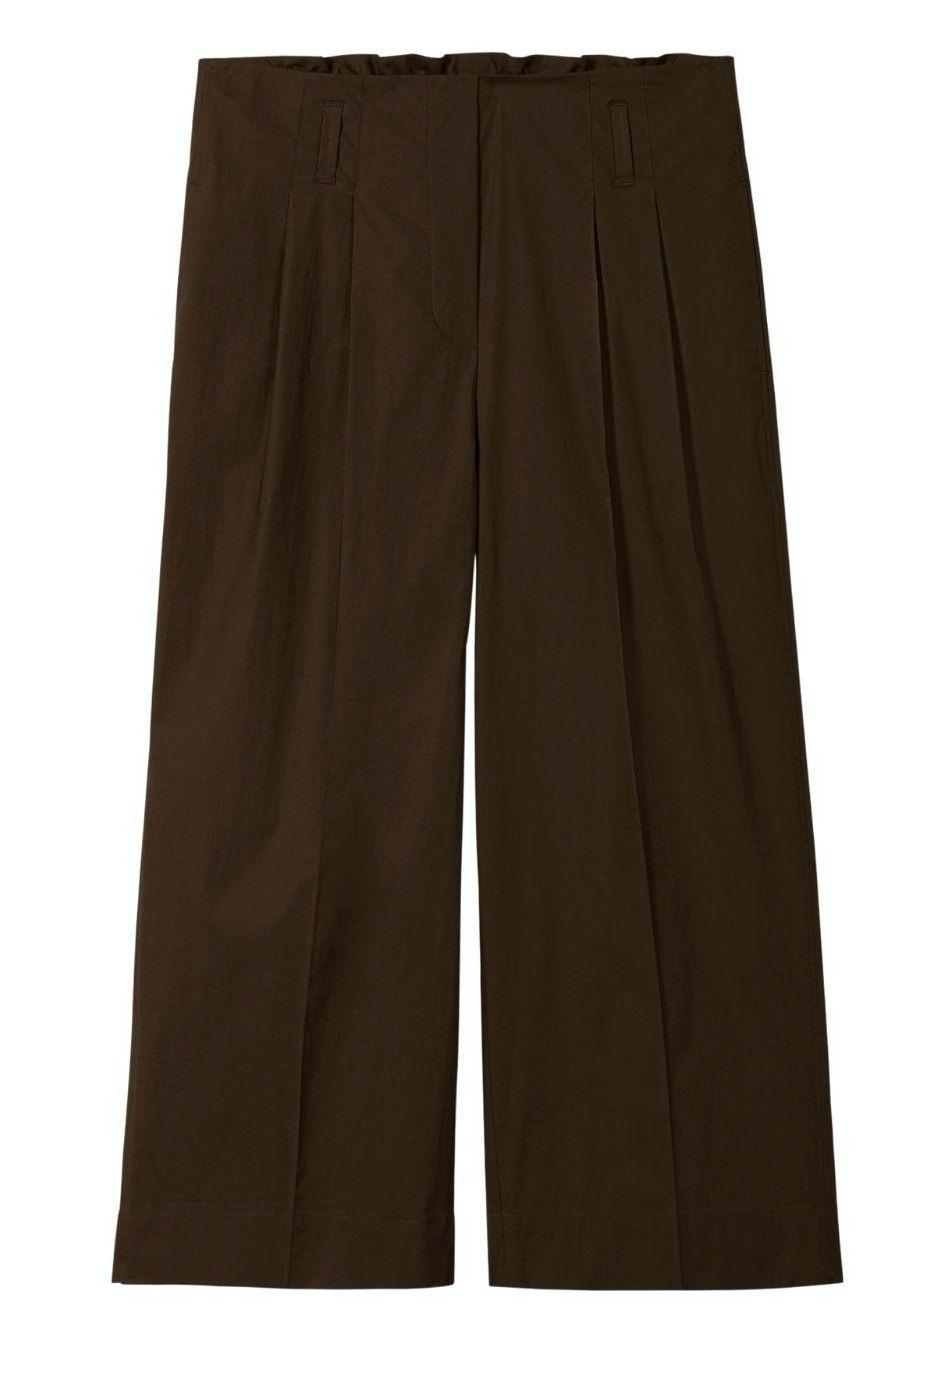 LUISA CERANO - Damen Hose - Paperbag Pants Mocca